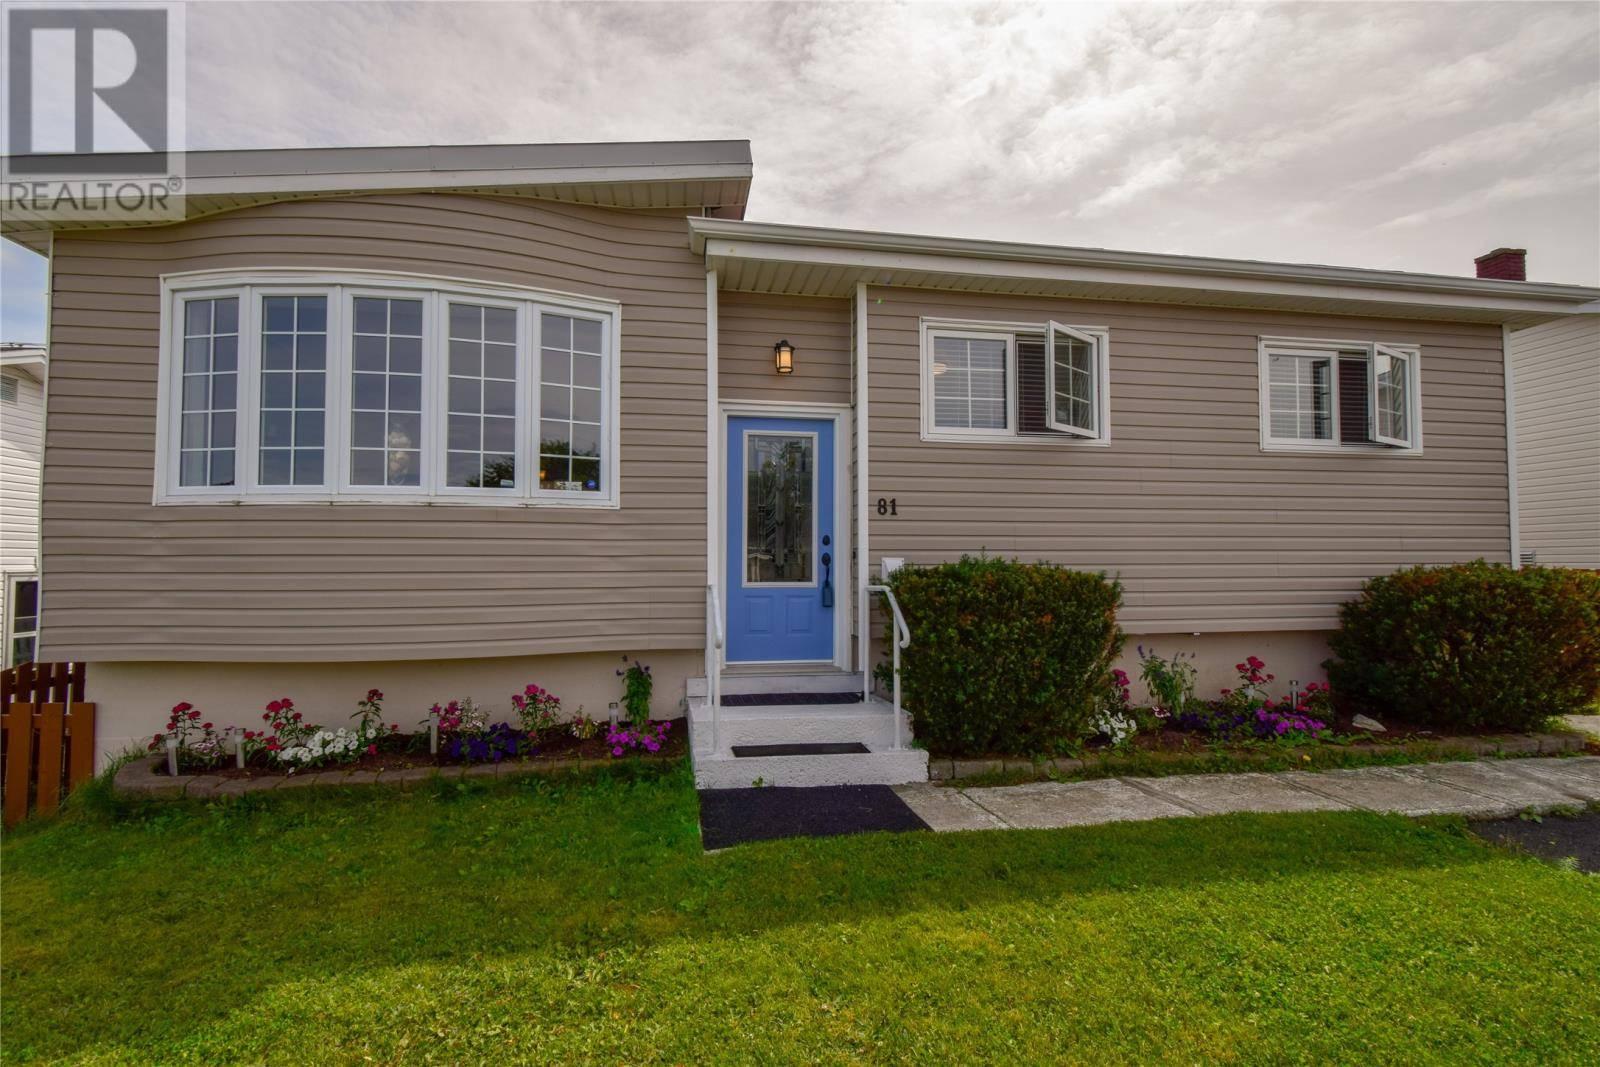 House for sale at 81 Terra Nova Rd St. John's Newfoundland - MLS: 1205318